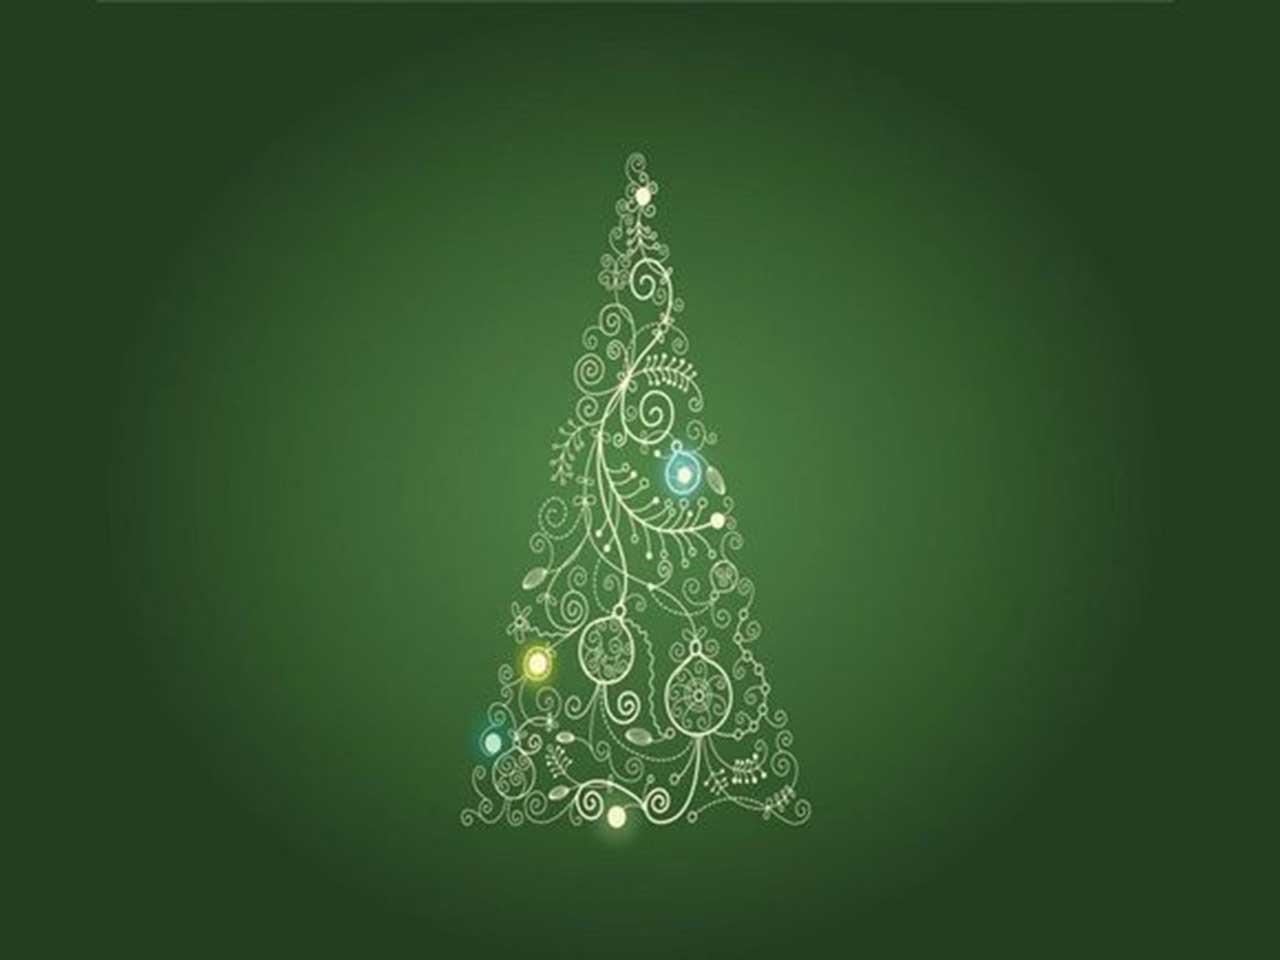 Christmas wallpaper for ipad